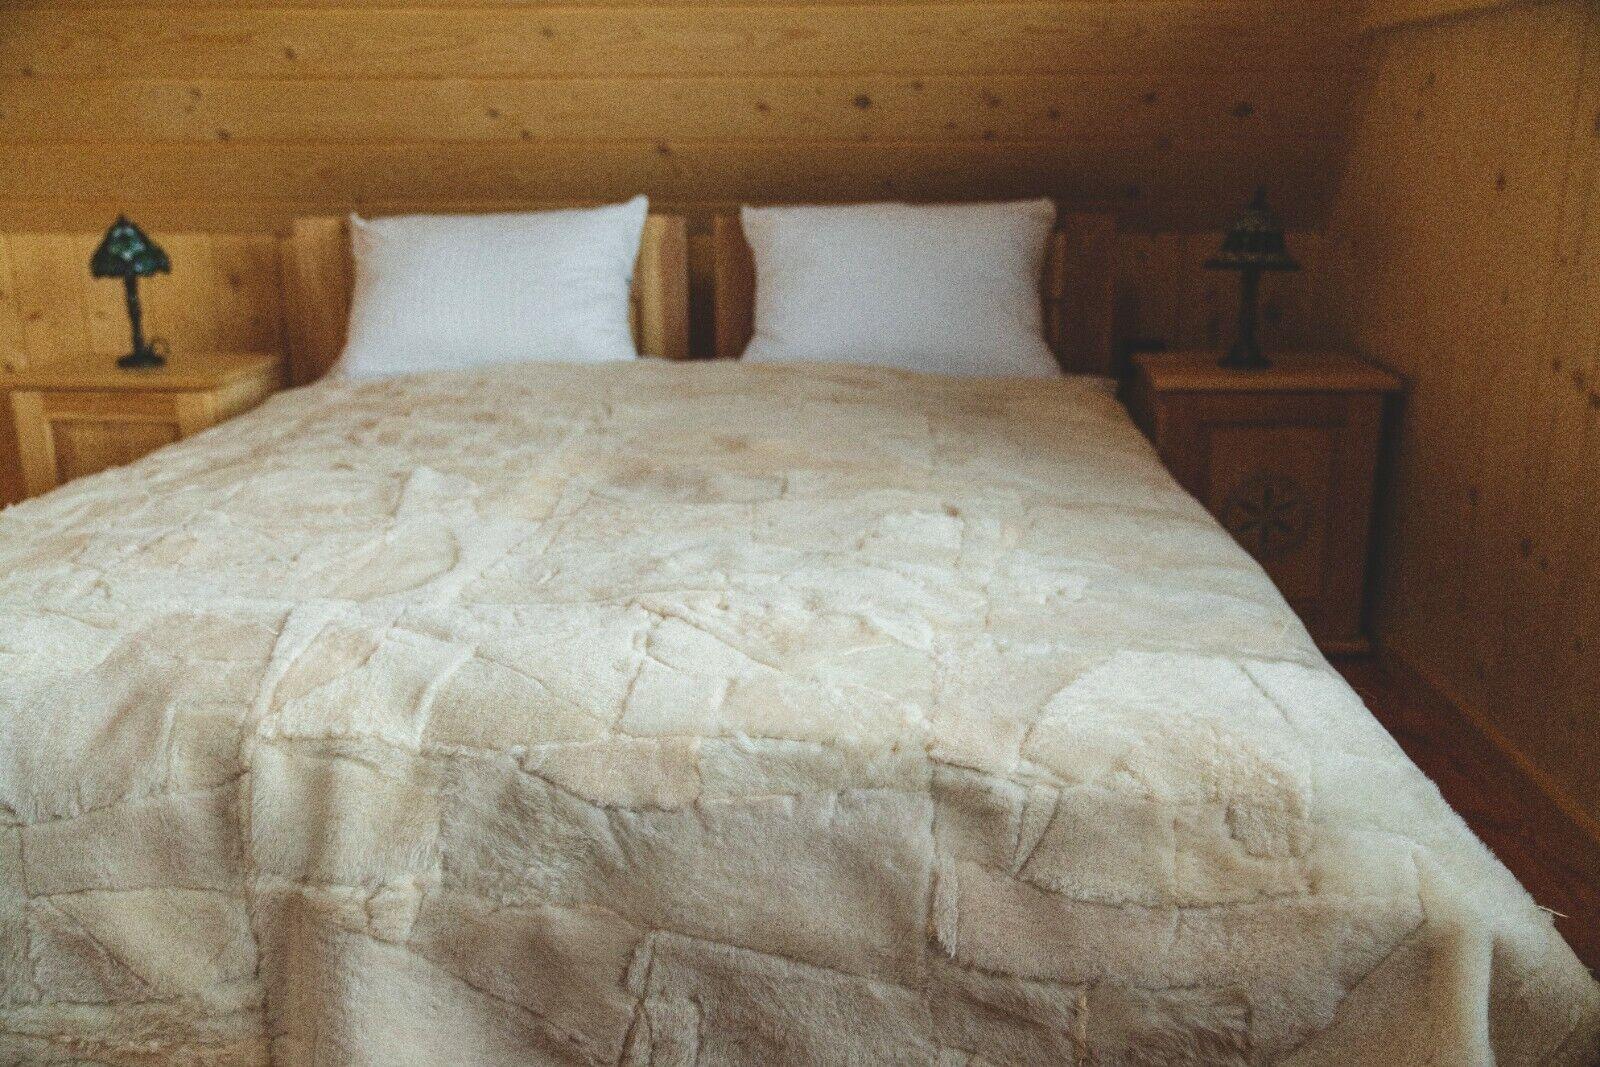 Toscana Lammfelldecke hell beige abgefüttert 200x160 cm Schaffelldecke Felldecke